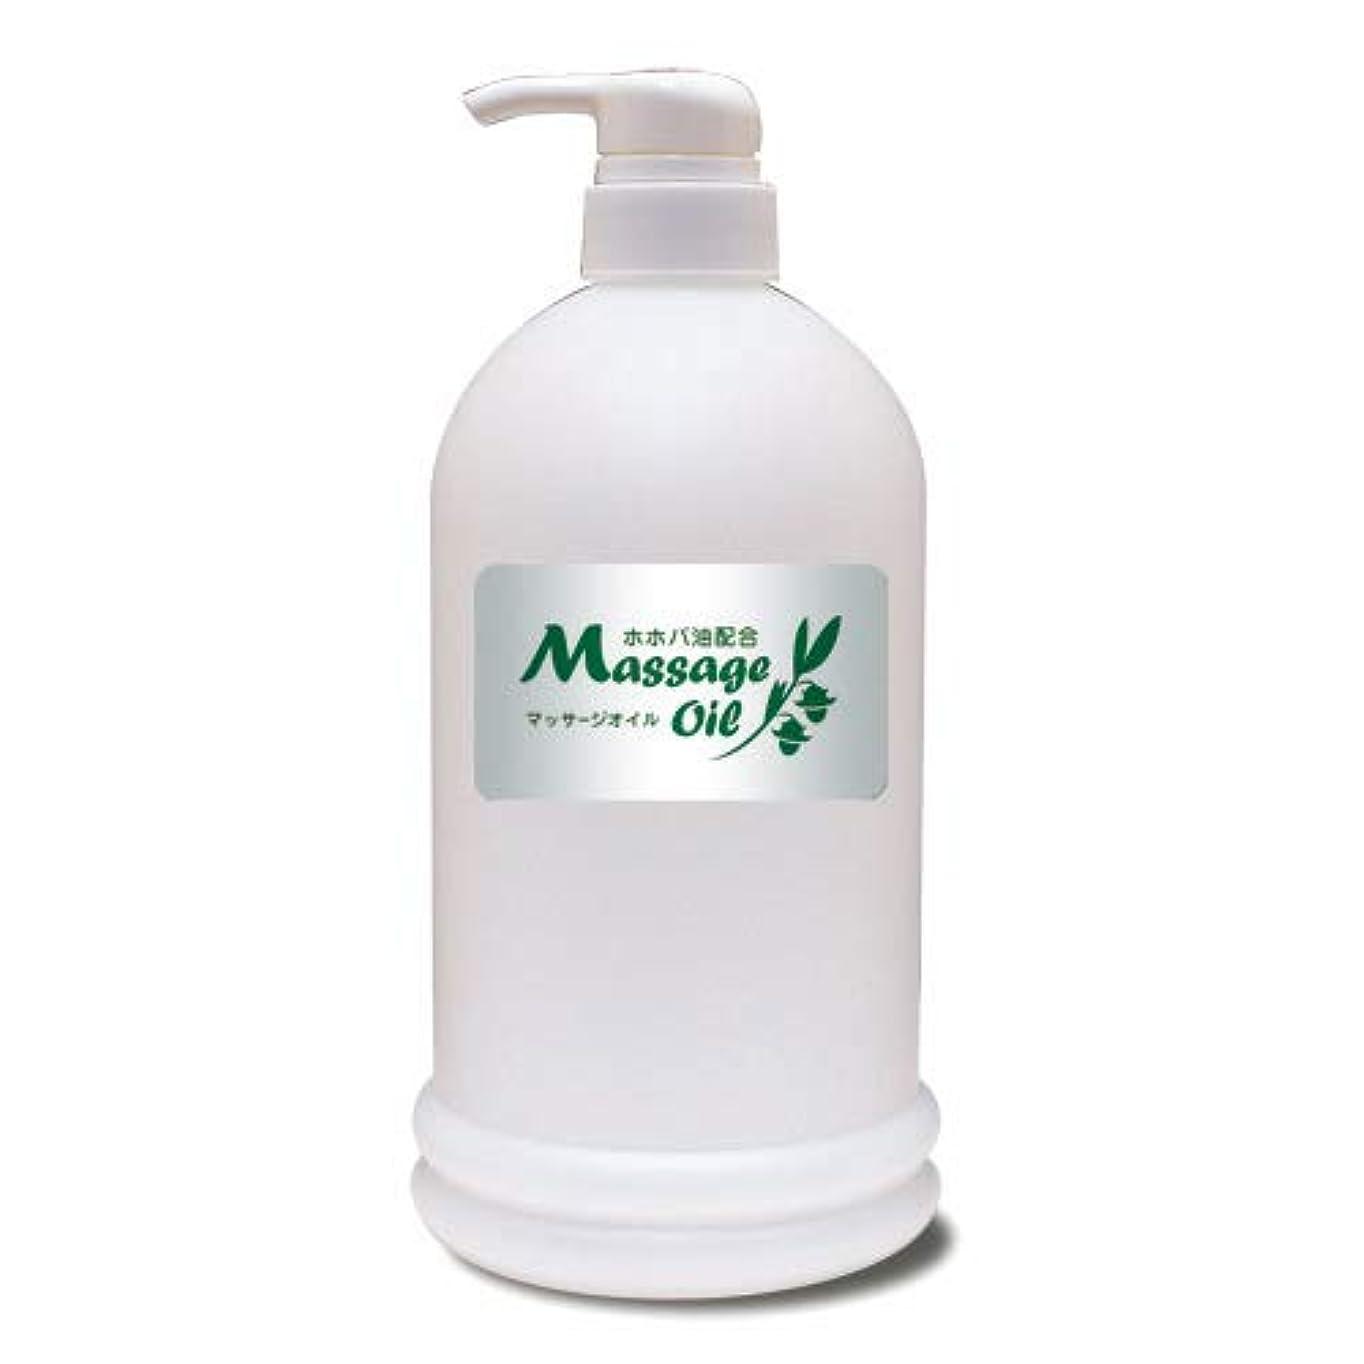 年次肉屋ストレスの多いホホバ油配合マッサージオイル 1Lボトル│エステ店御用達のプロ仕様業務用マッサージオイル 大容量 ホホバオイル